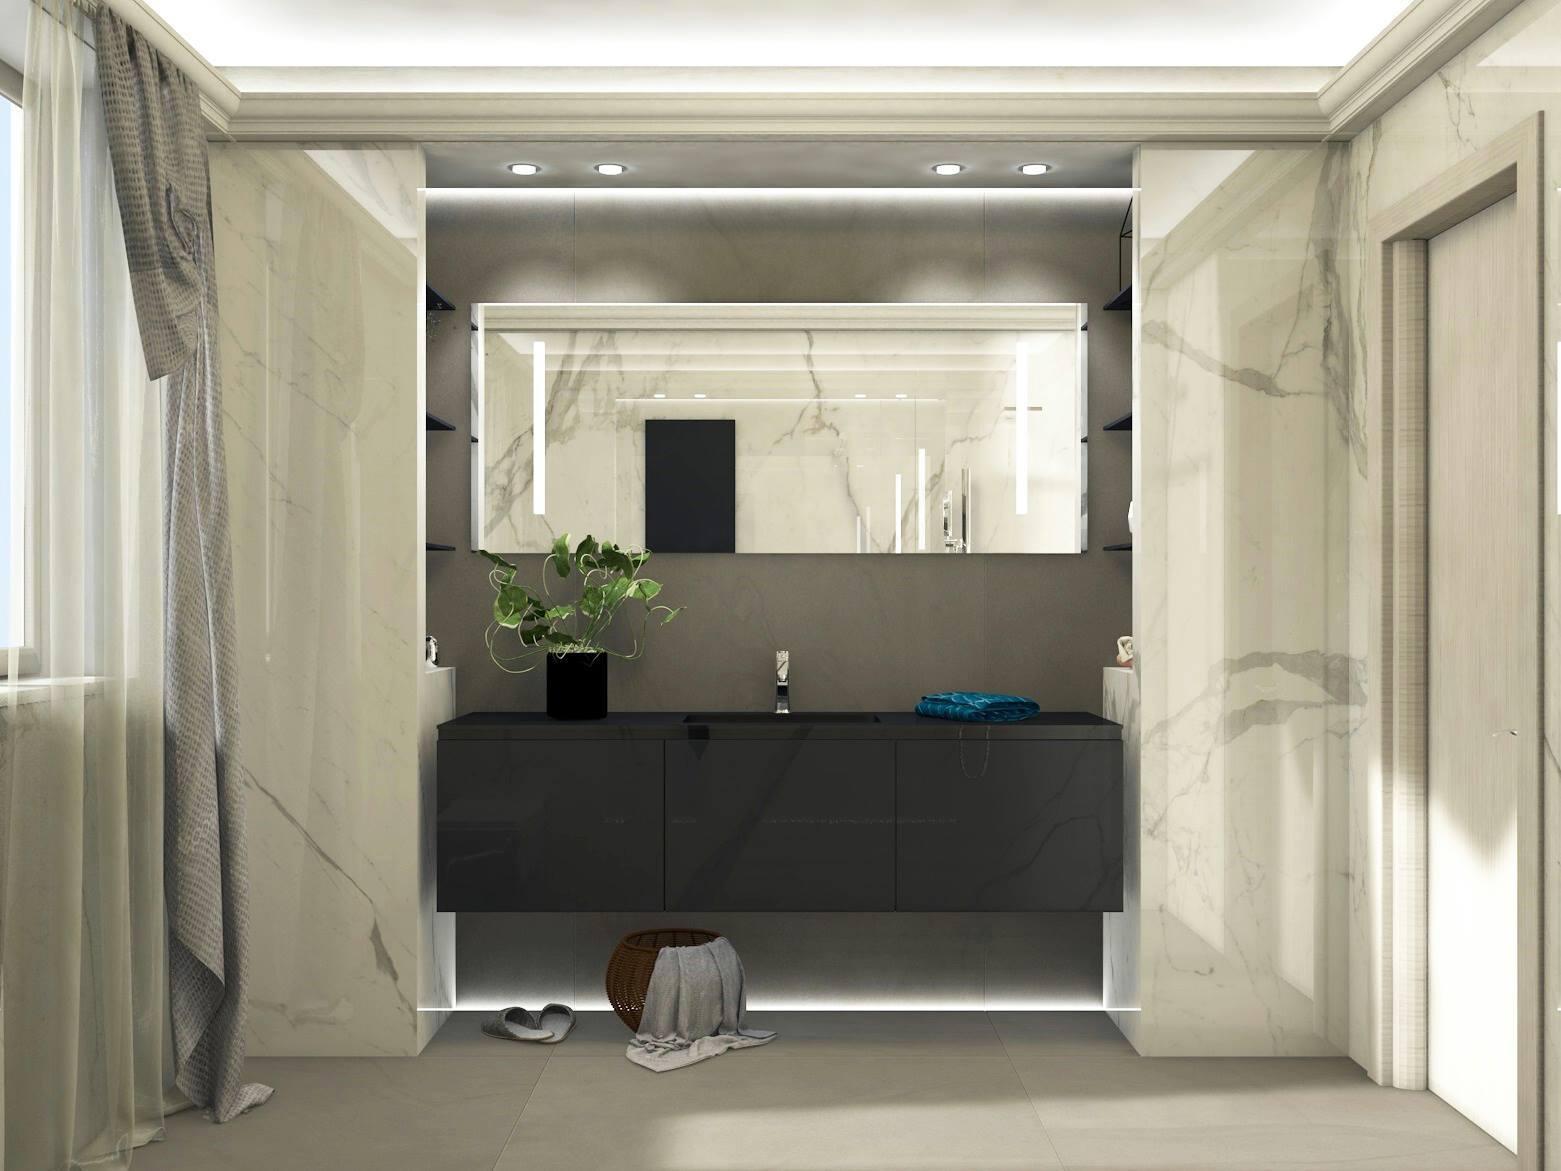 Bagno moderno ed elegante grandi lastre ed illuminazione for Progetti bagni moderni